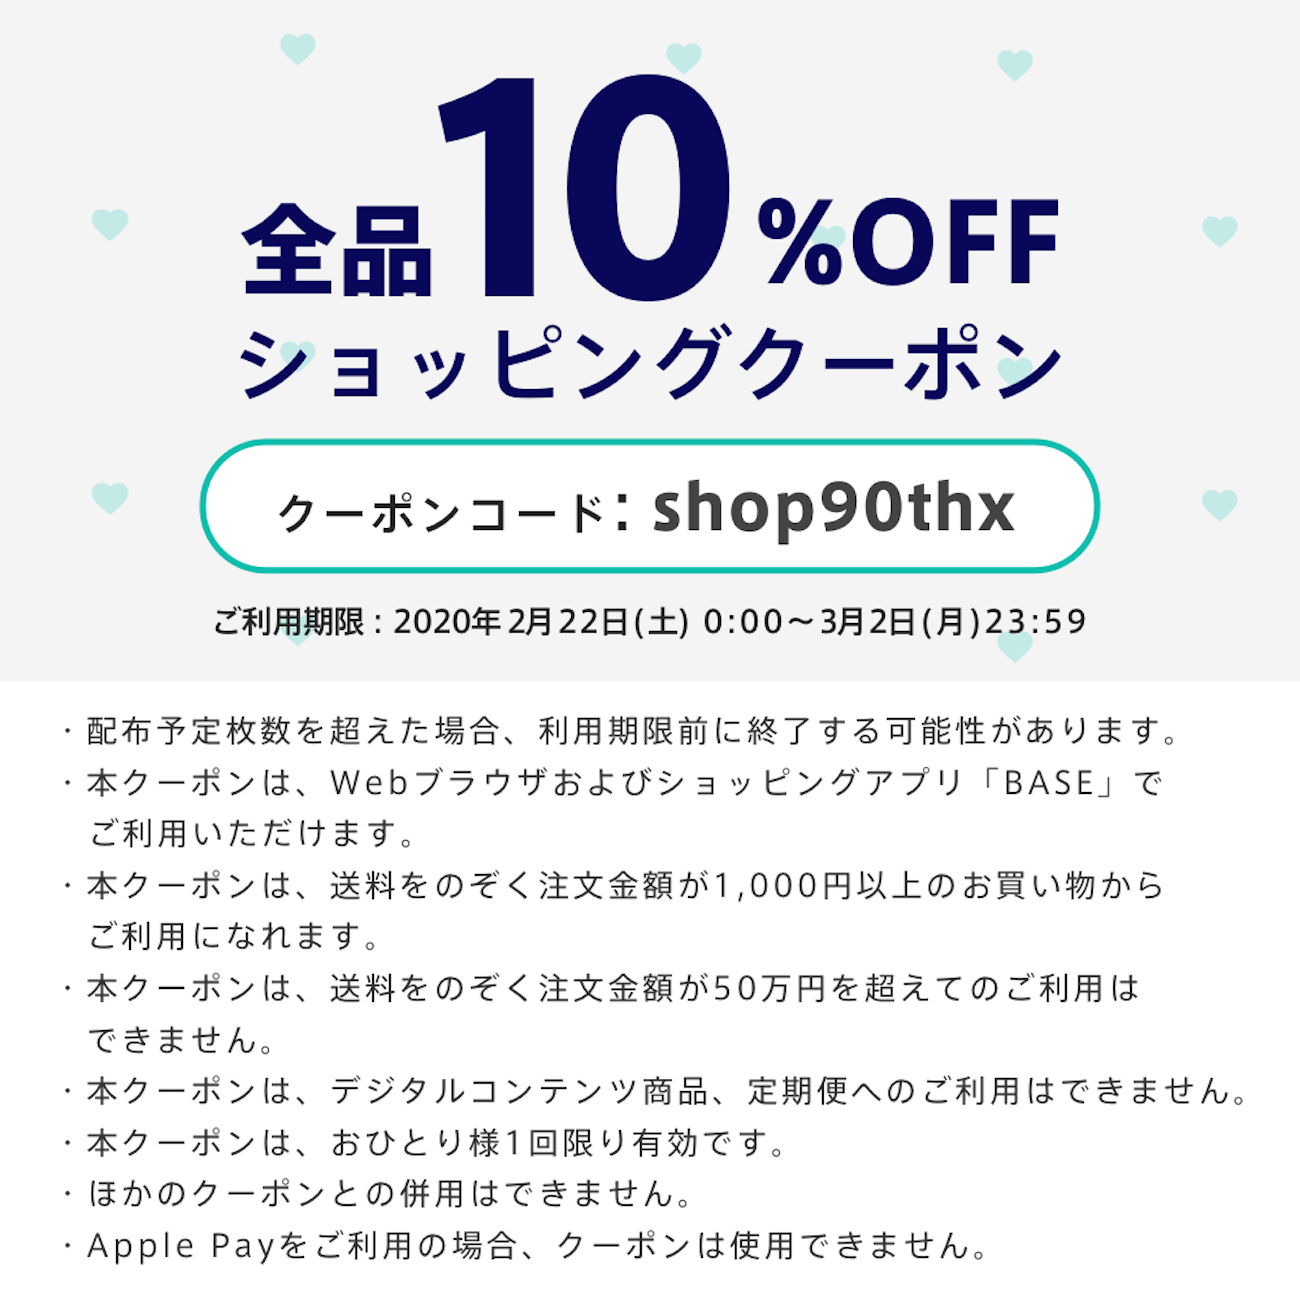 10%OFFクーポン クーポンコード:shop90thx